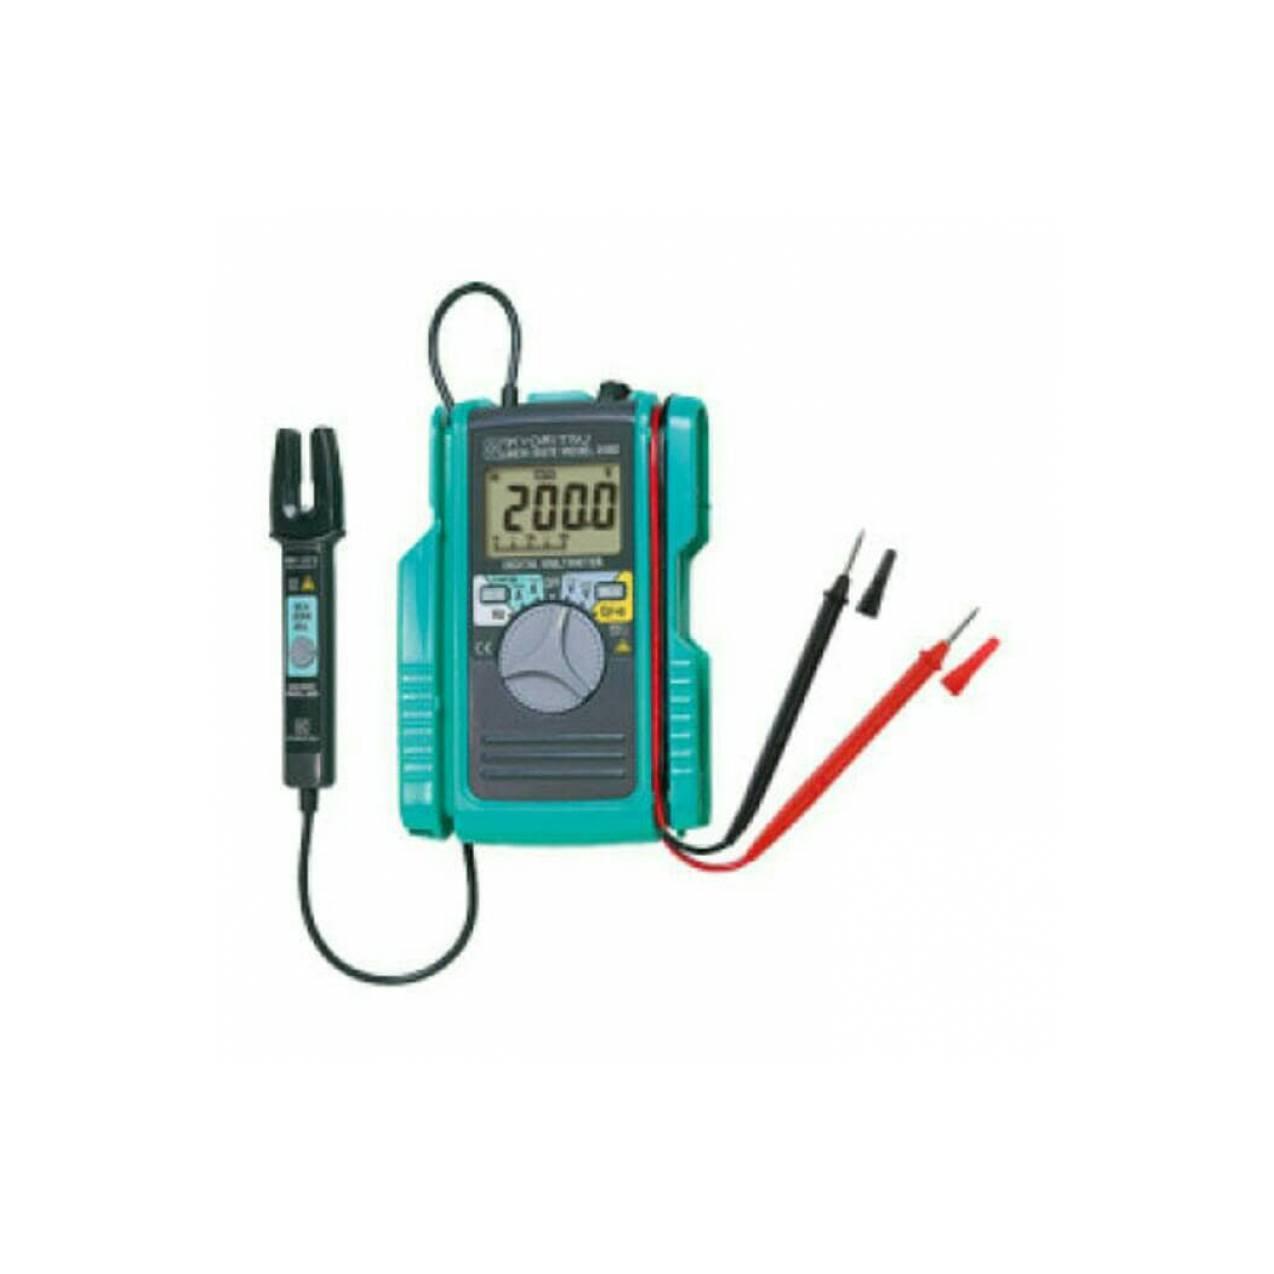 Review Digital Multimeter Tang Ampere Kyoritsu Kewmate Clamp Meter 2010 2000 3